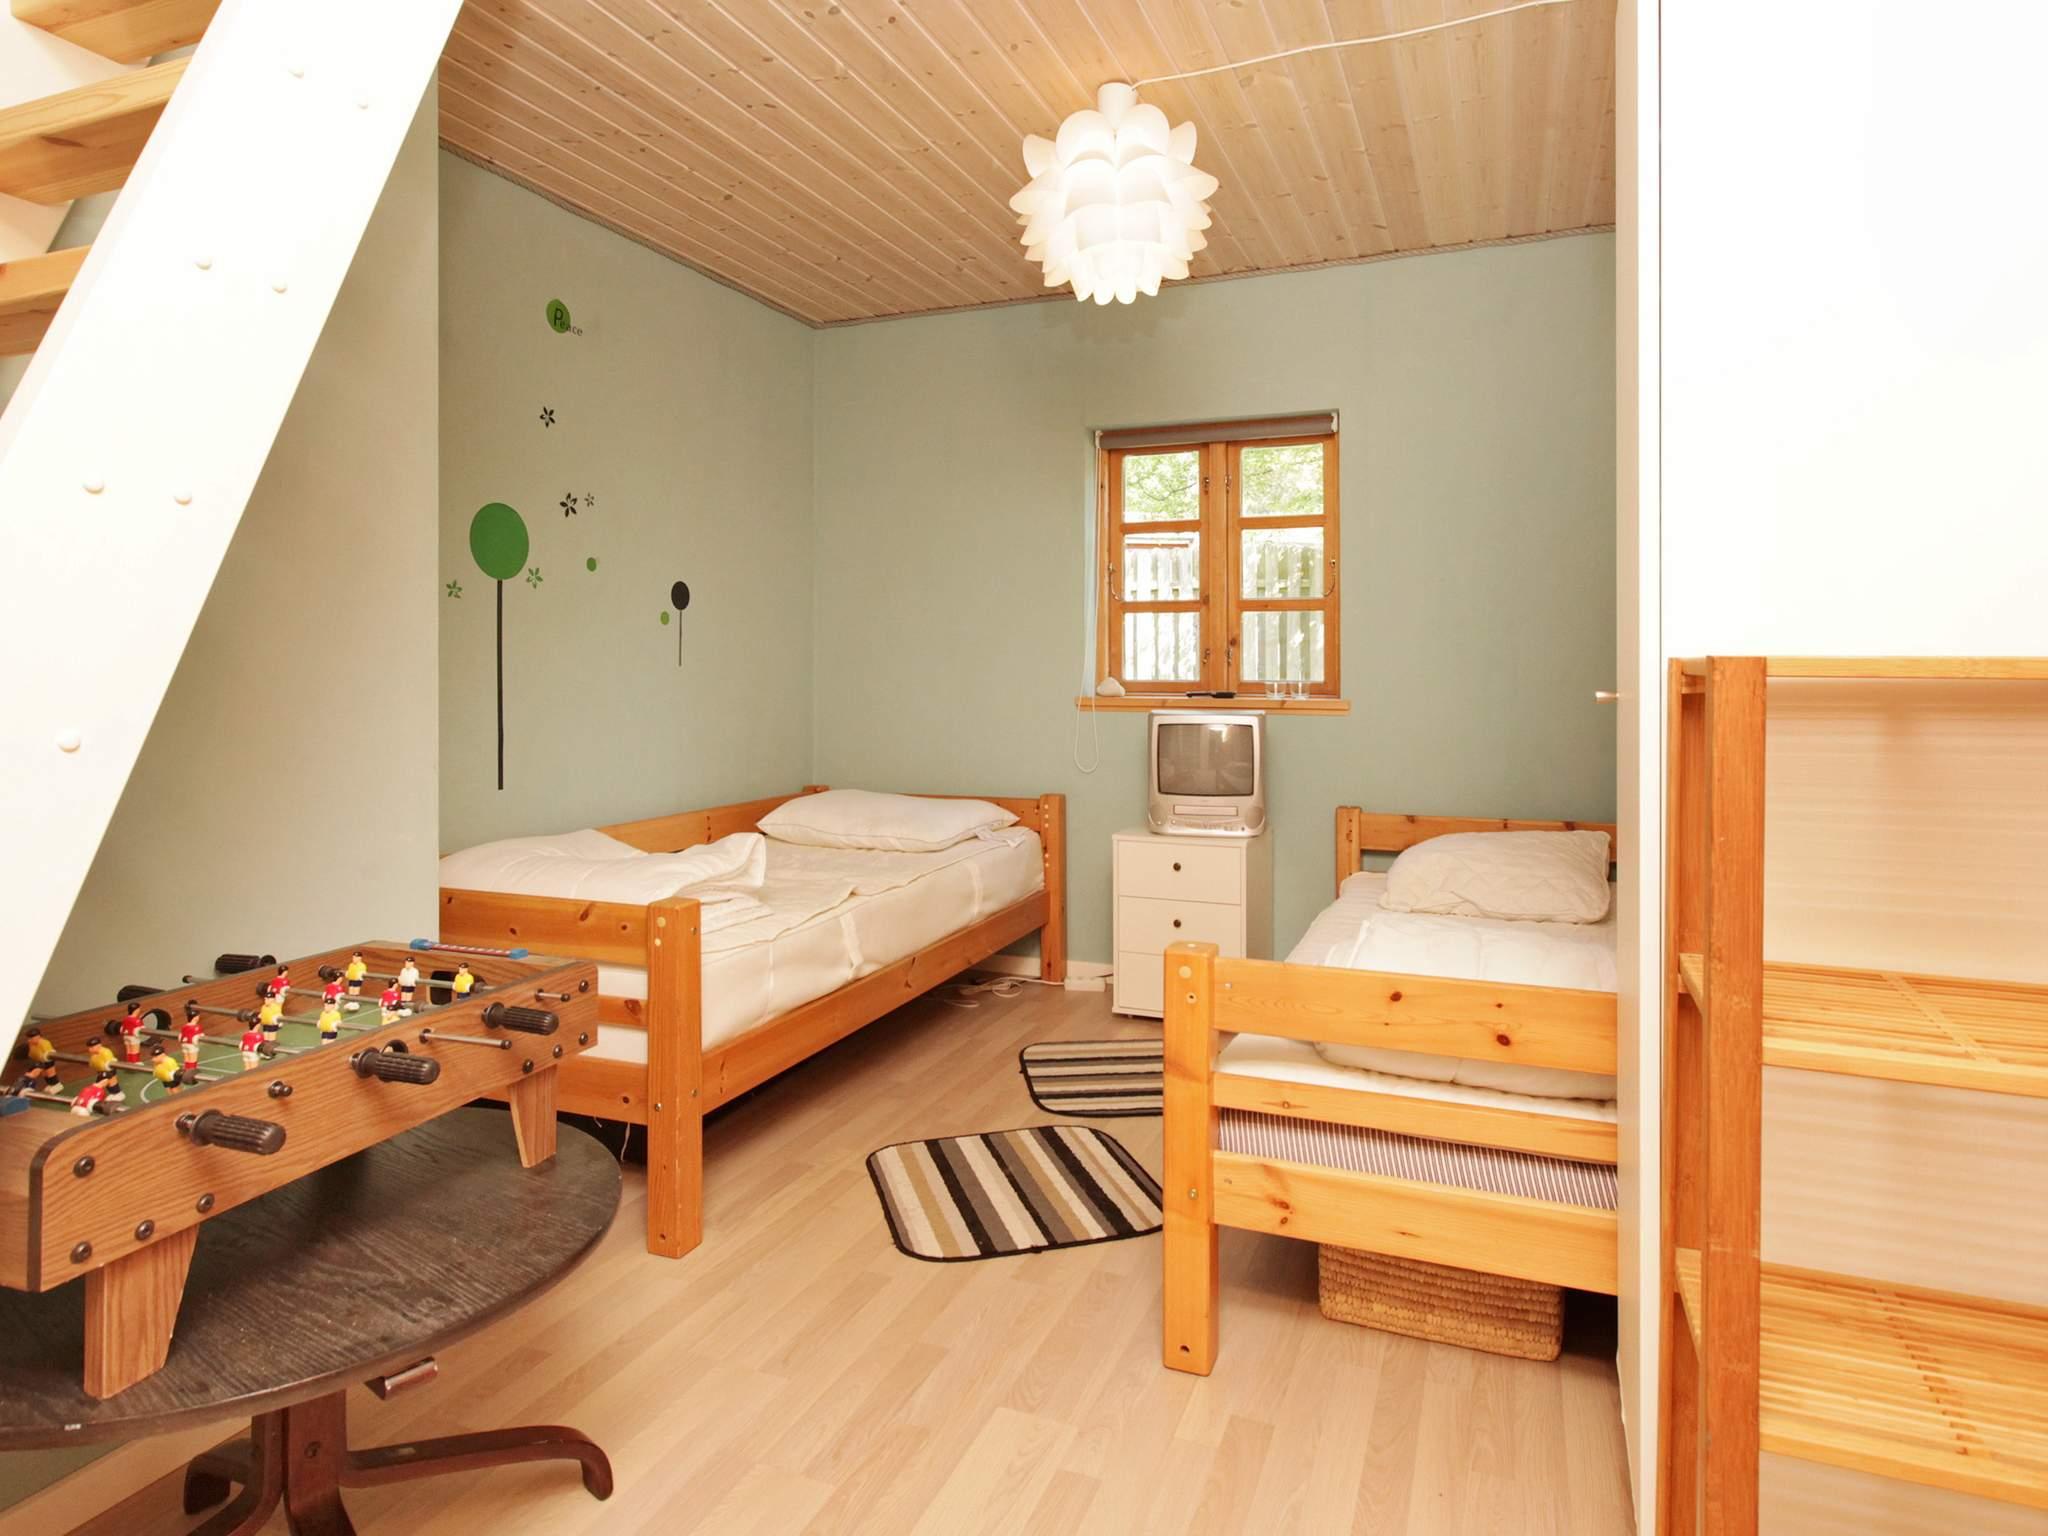 Ferienhaus Kulhuse (2413706), Kulhuse, , Nordseeland, Dänemark, Bild 8